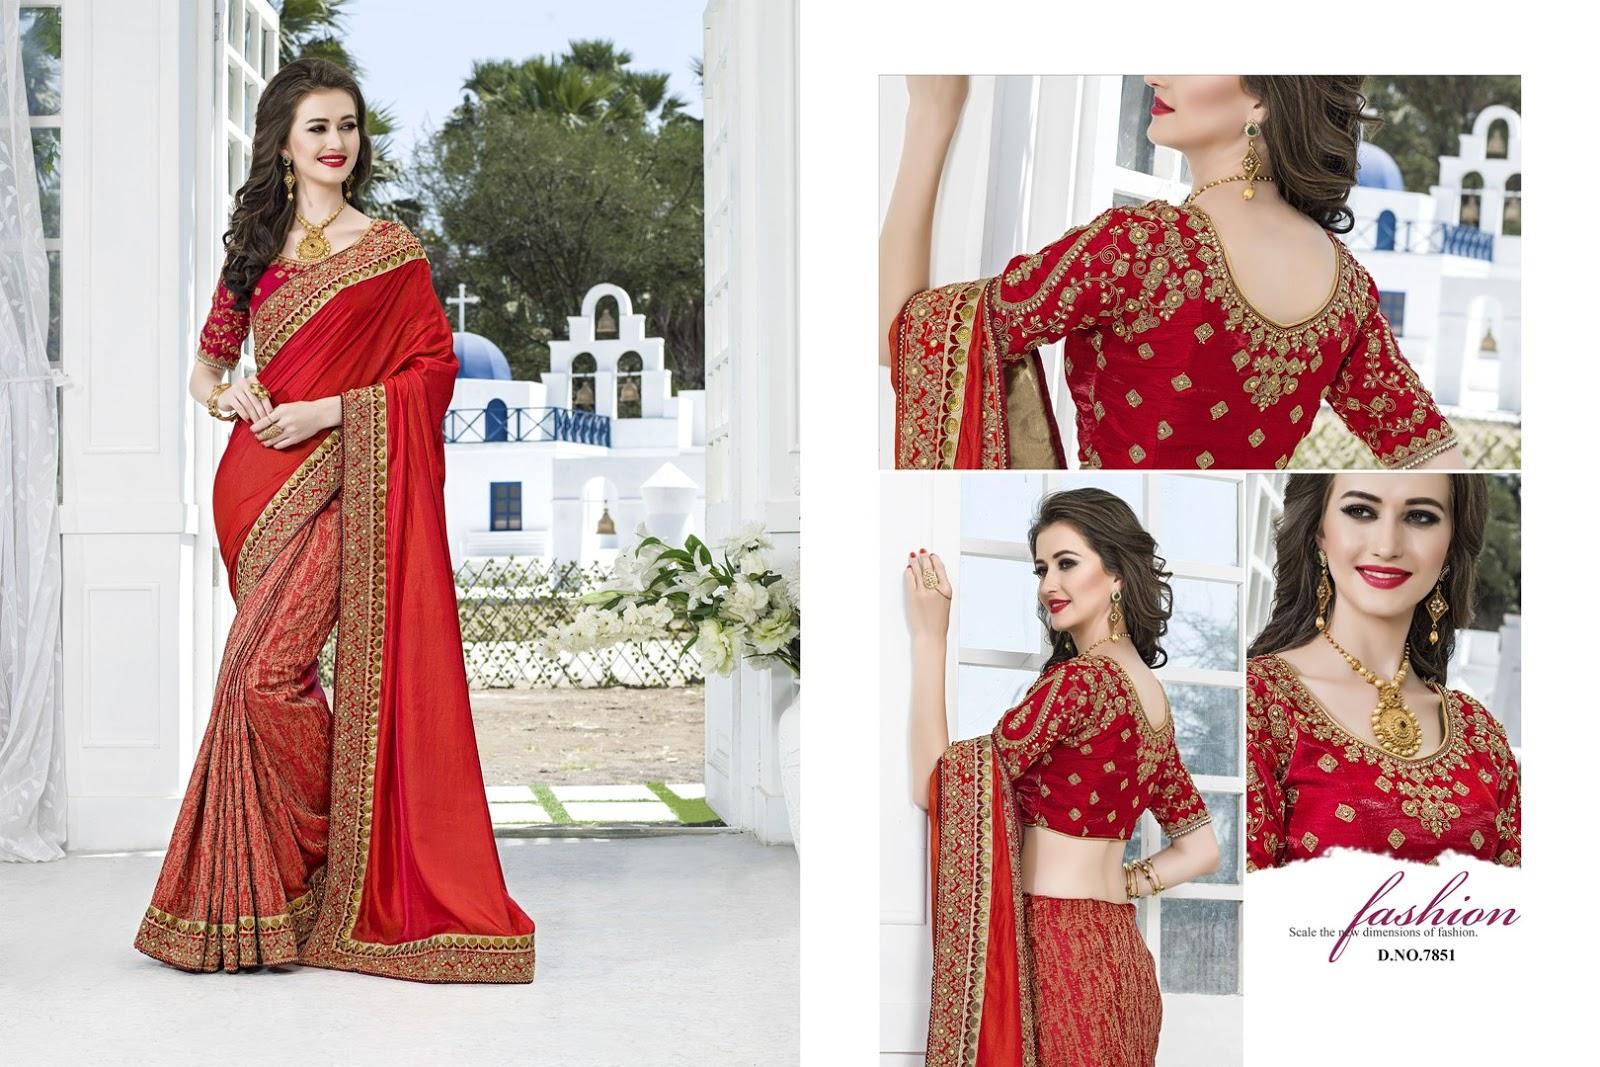 Krisha Vol 2 – Indian Women Stylish Designer Saree Buy Online